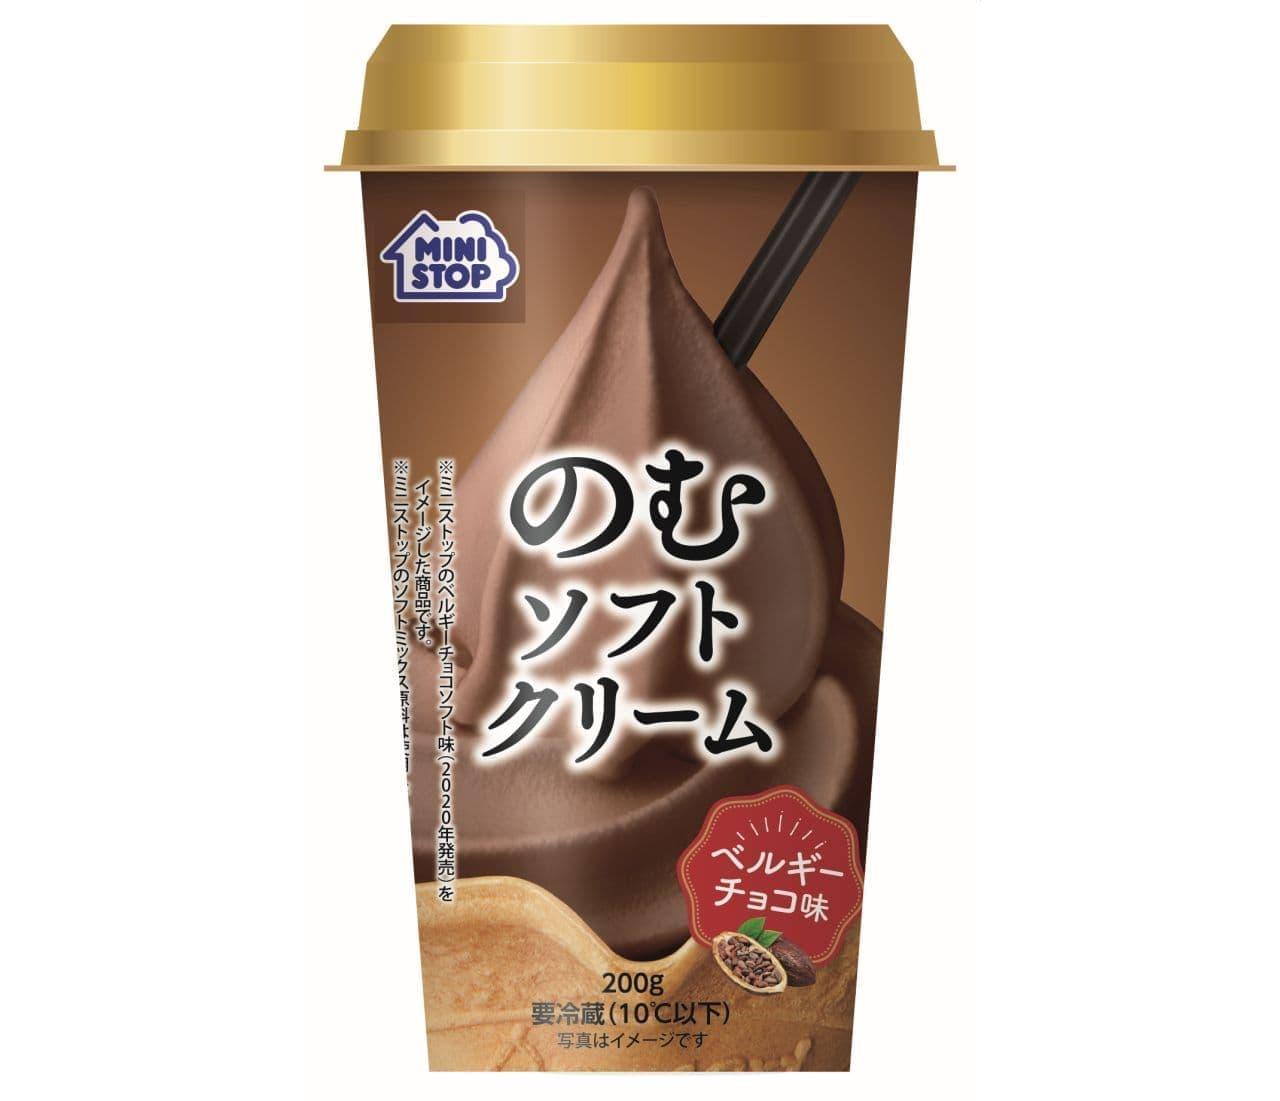 ミニストップ「のむソフトクリーム ベルギーチョコ」